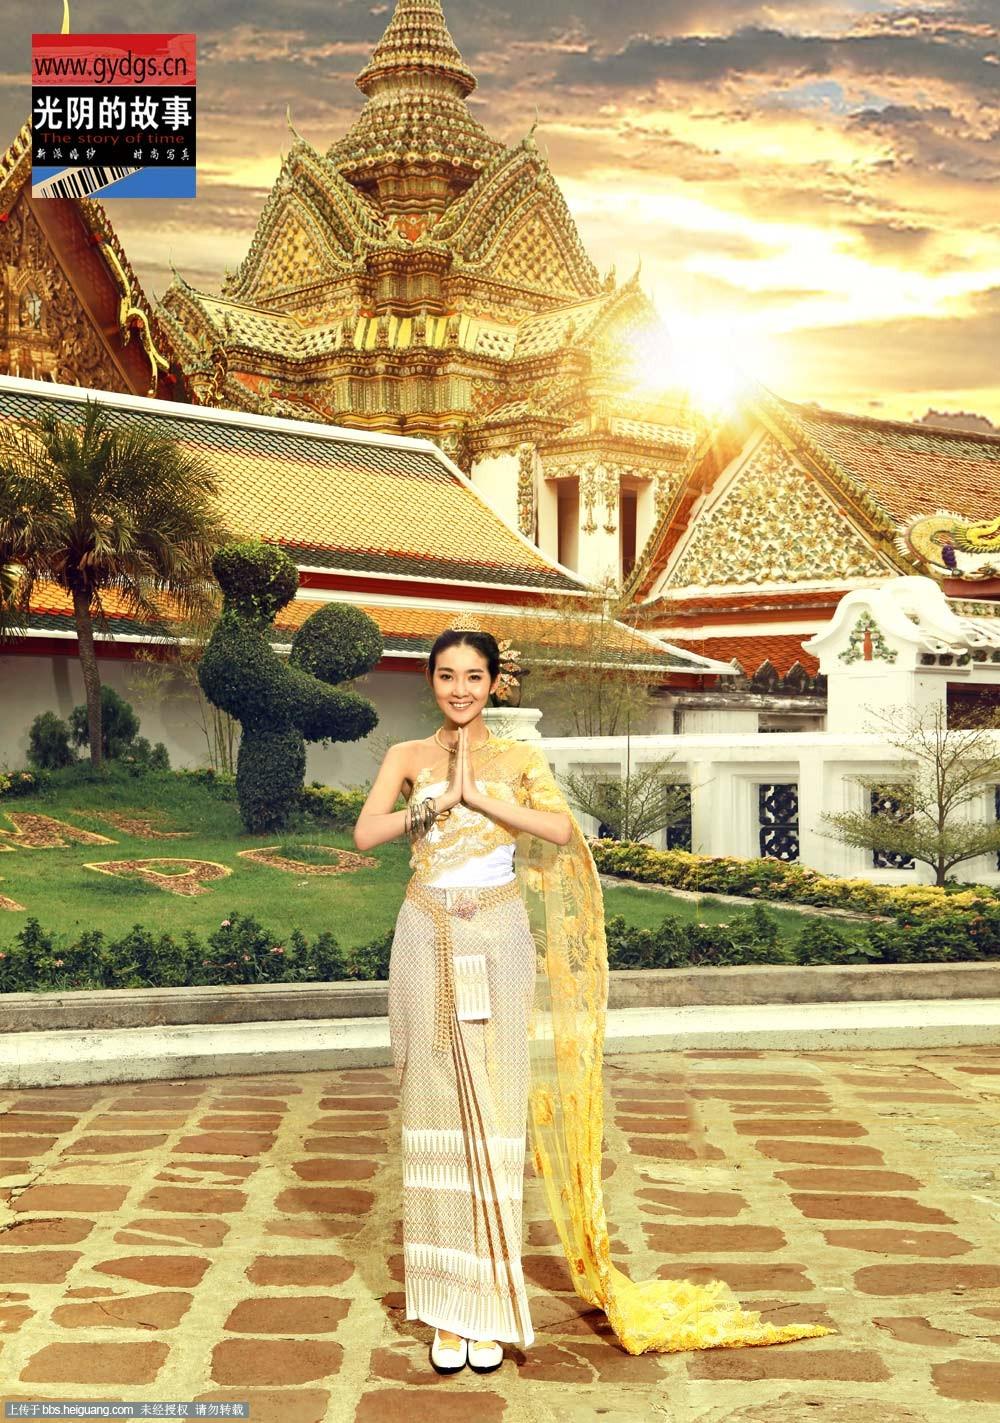 昆山光阴的故事 泰国传统服饰婚纱照